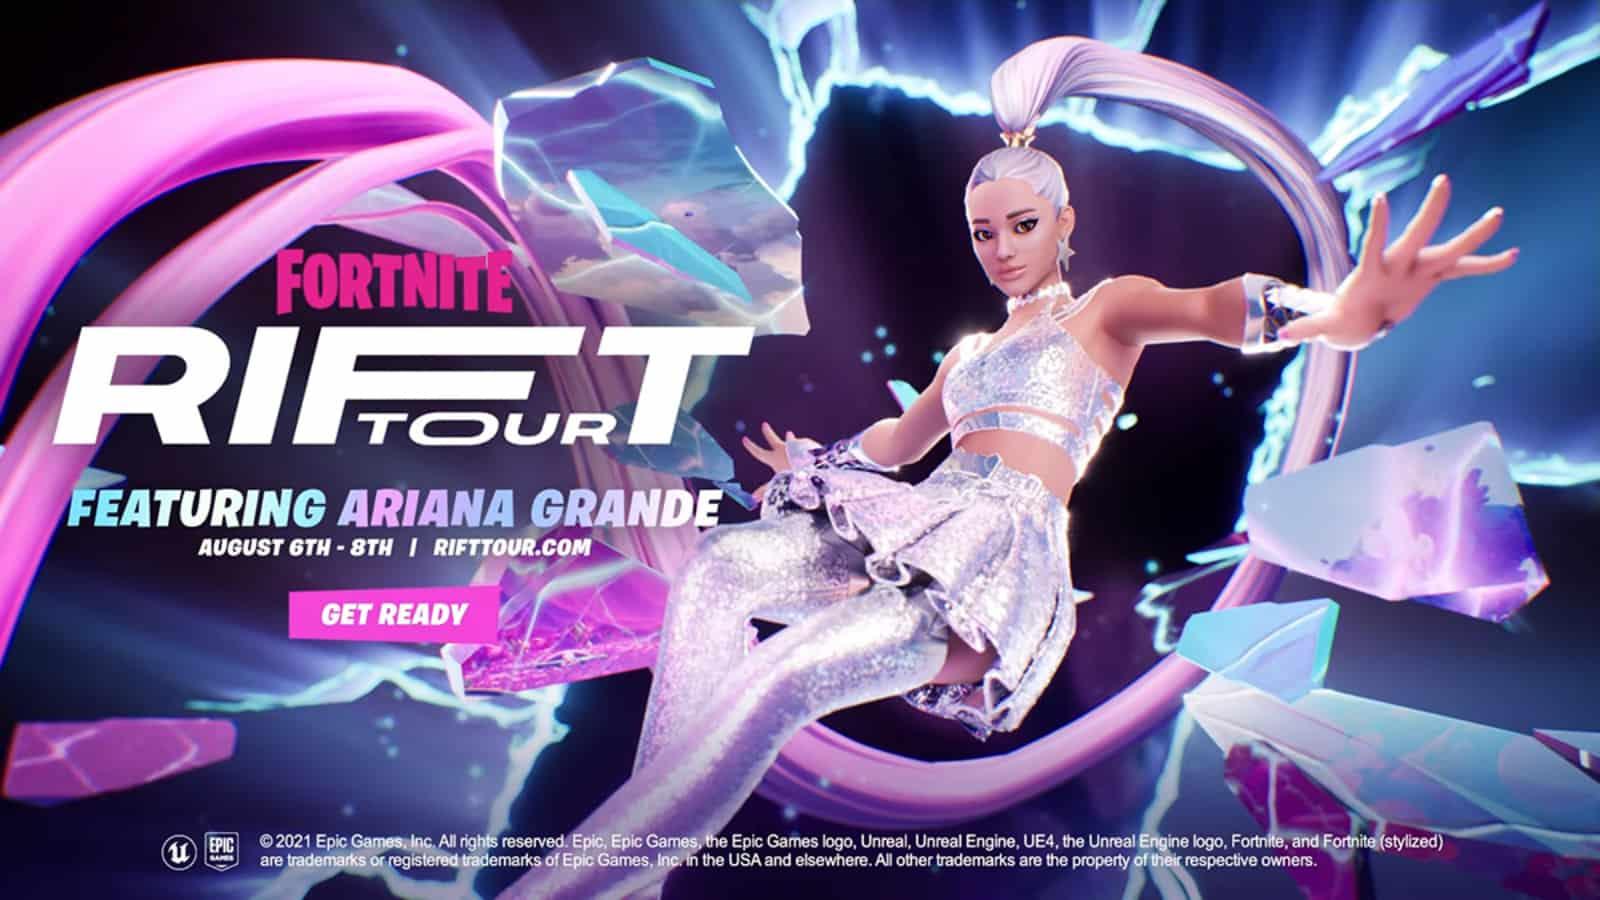 Fortnite Ariana Grande Skin: Price, Release Date